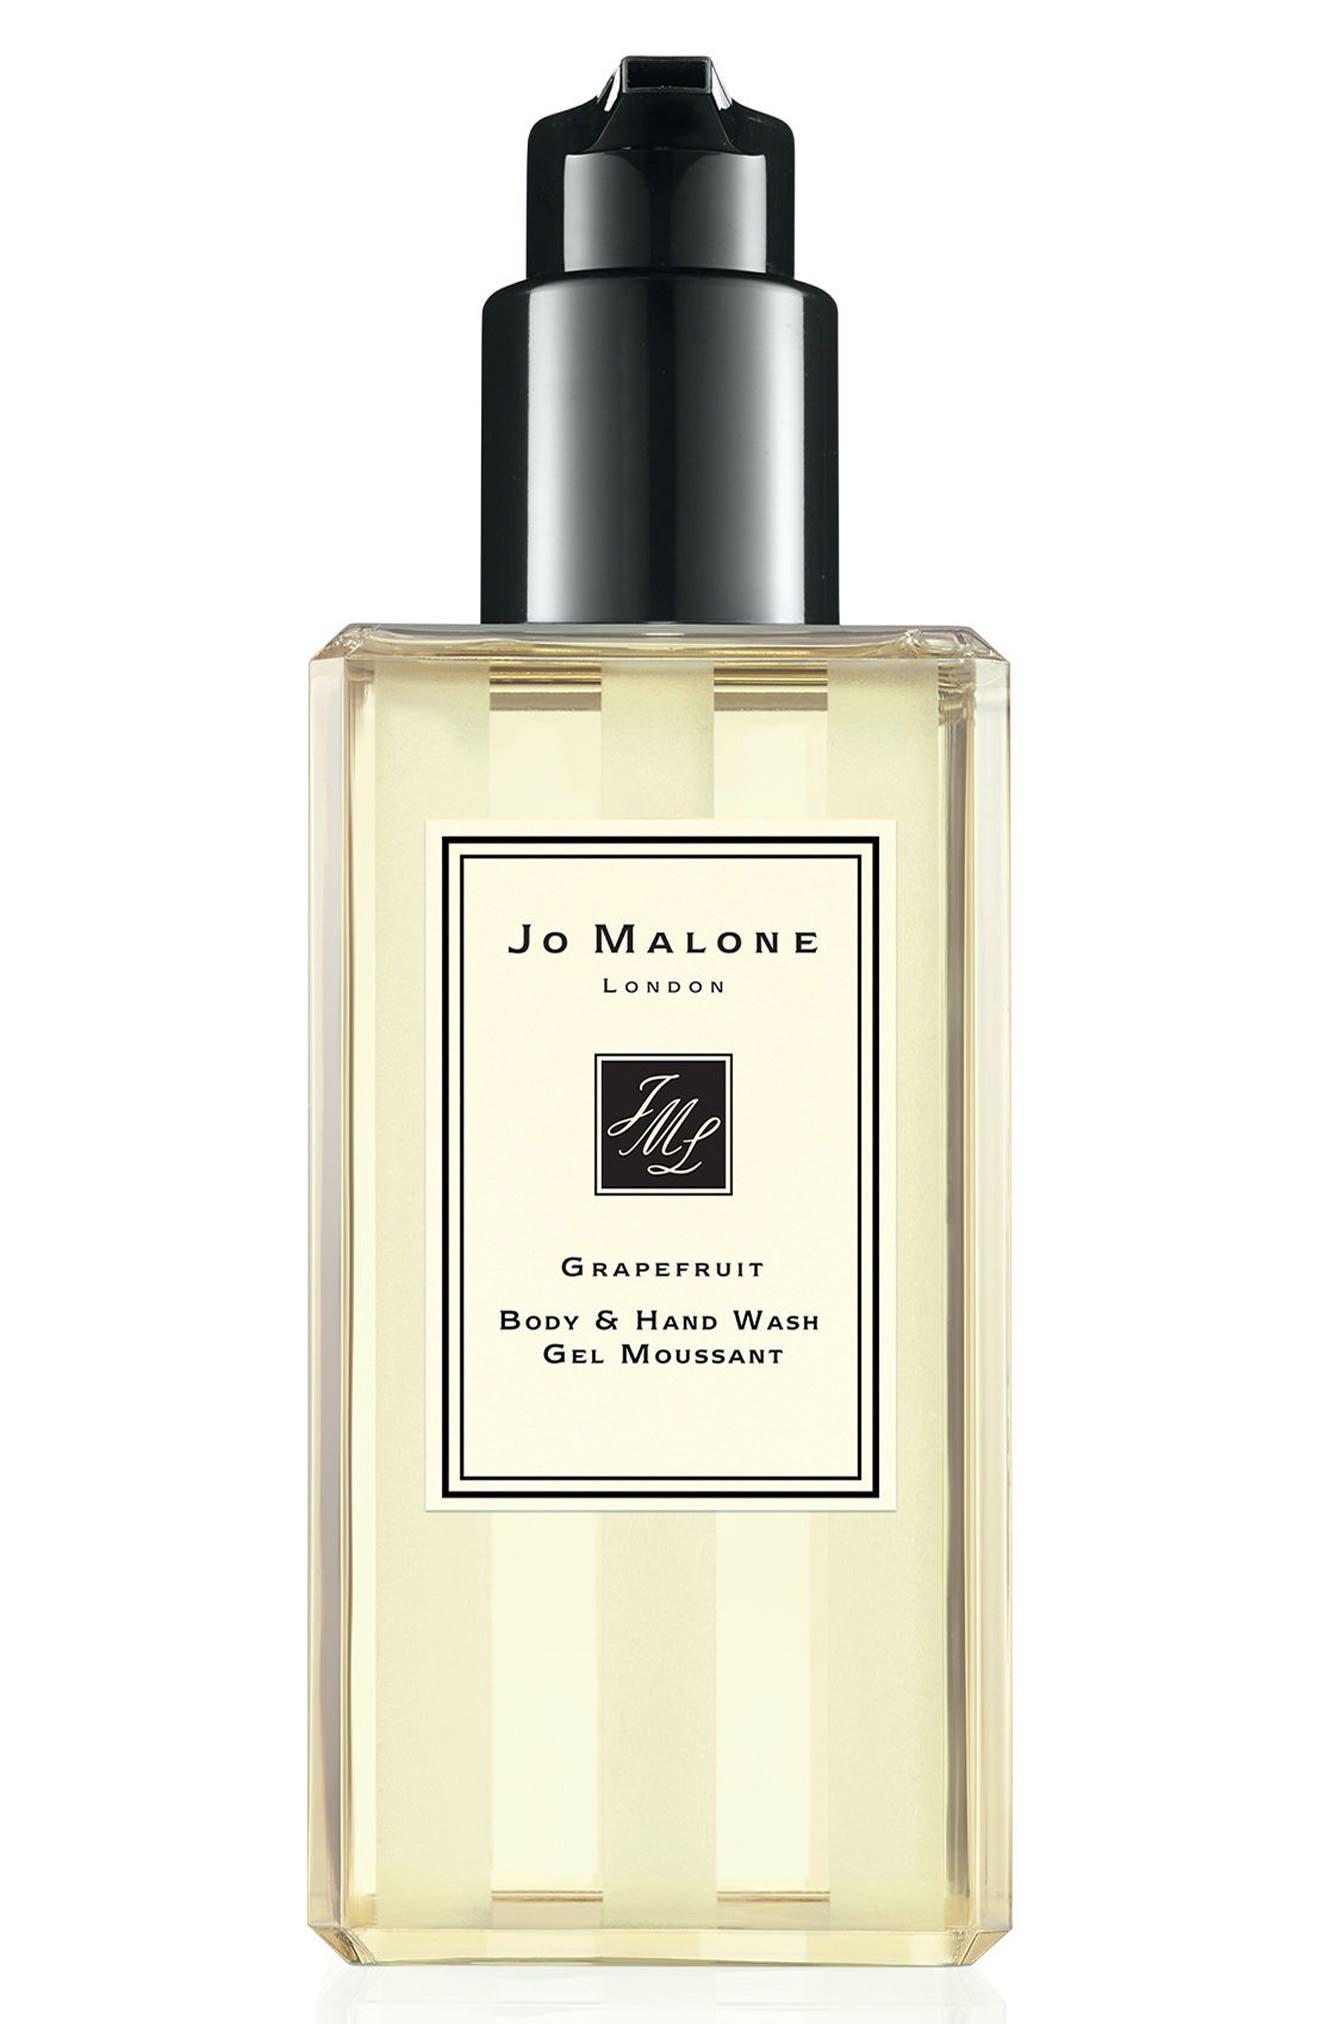 Jo Malone London™ 'Grapefruit' Body & Hand Wash